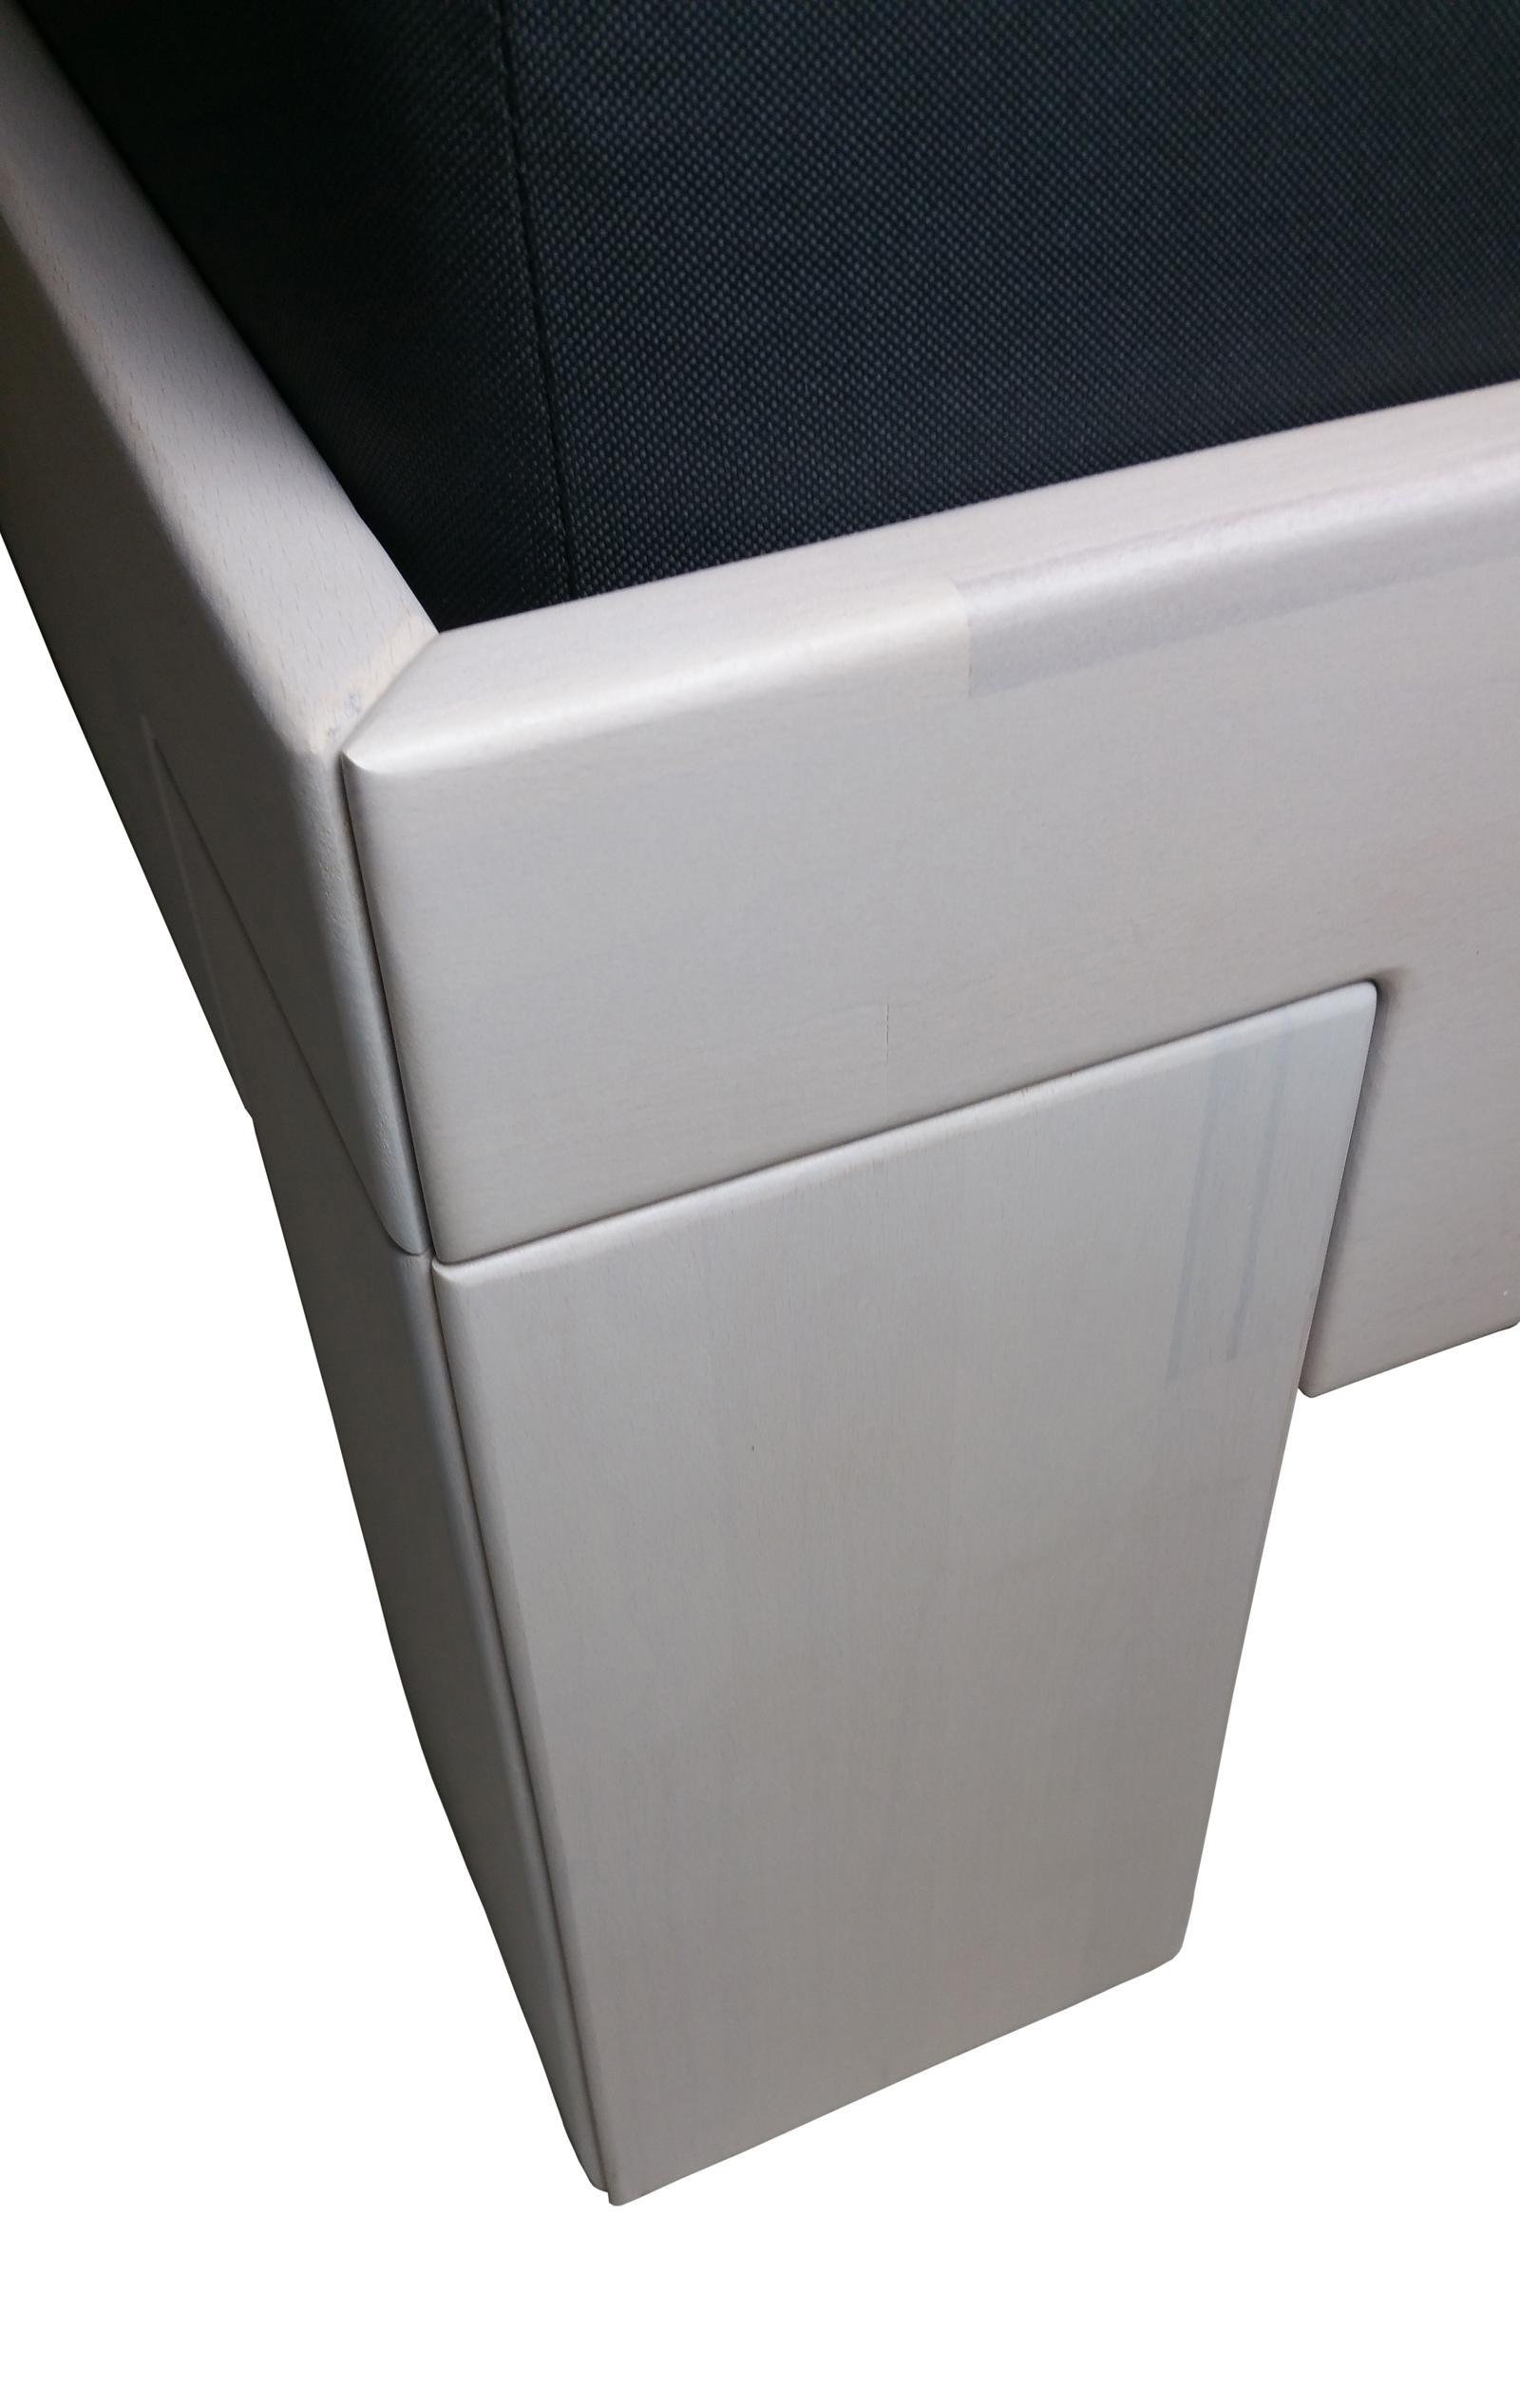 sam holzbett 160 x 200 cm buche wei lasiert sara. Black Bedroom Furniture Sets. Home Design Ideas